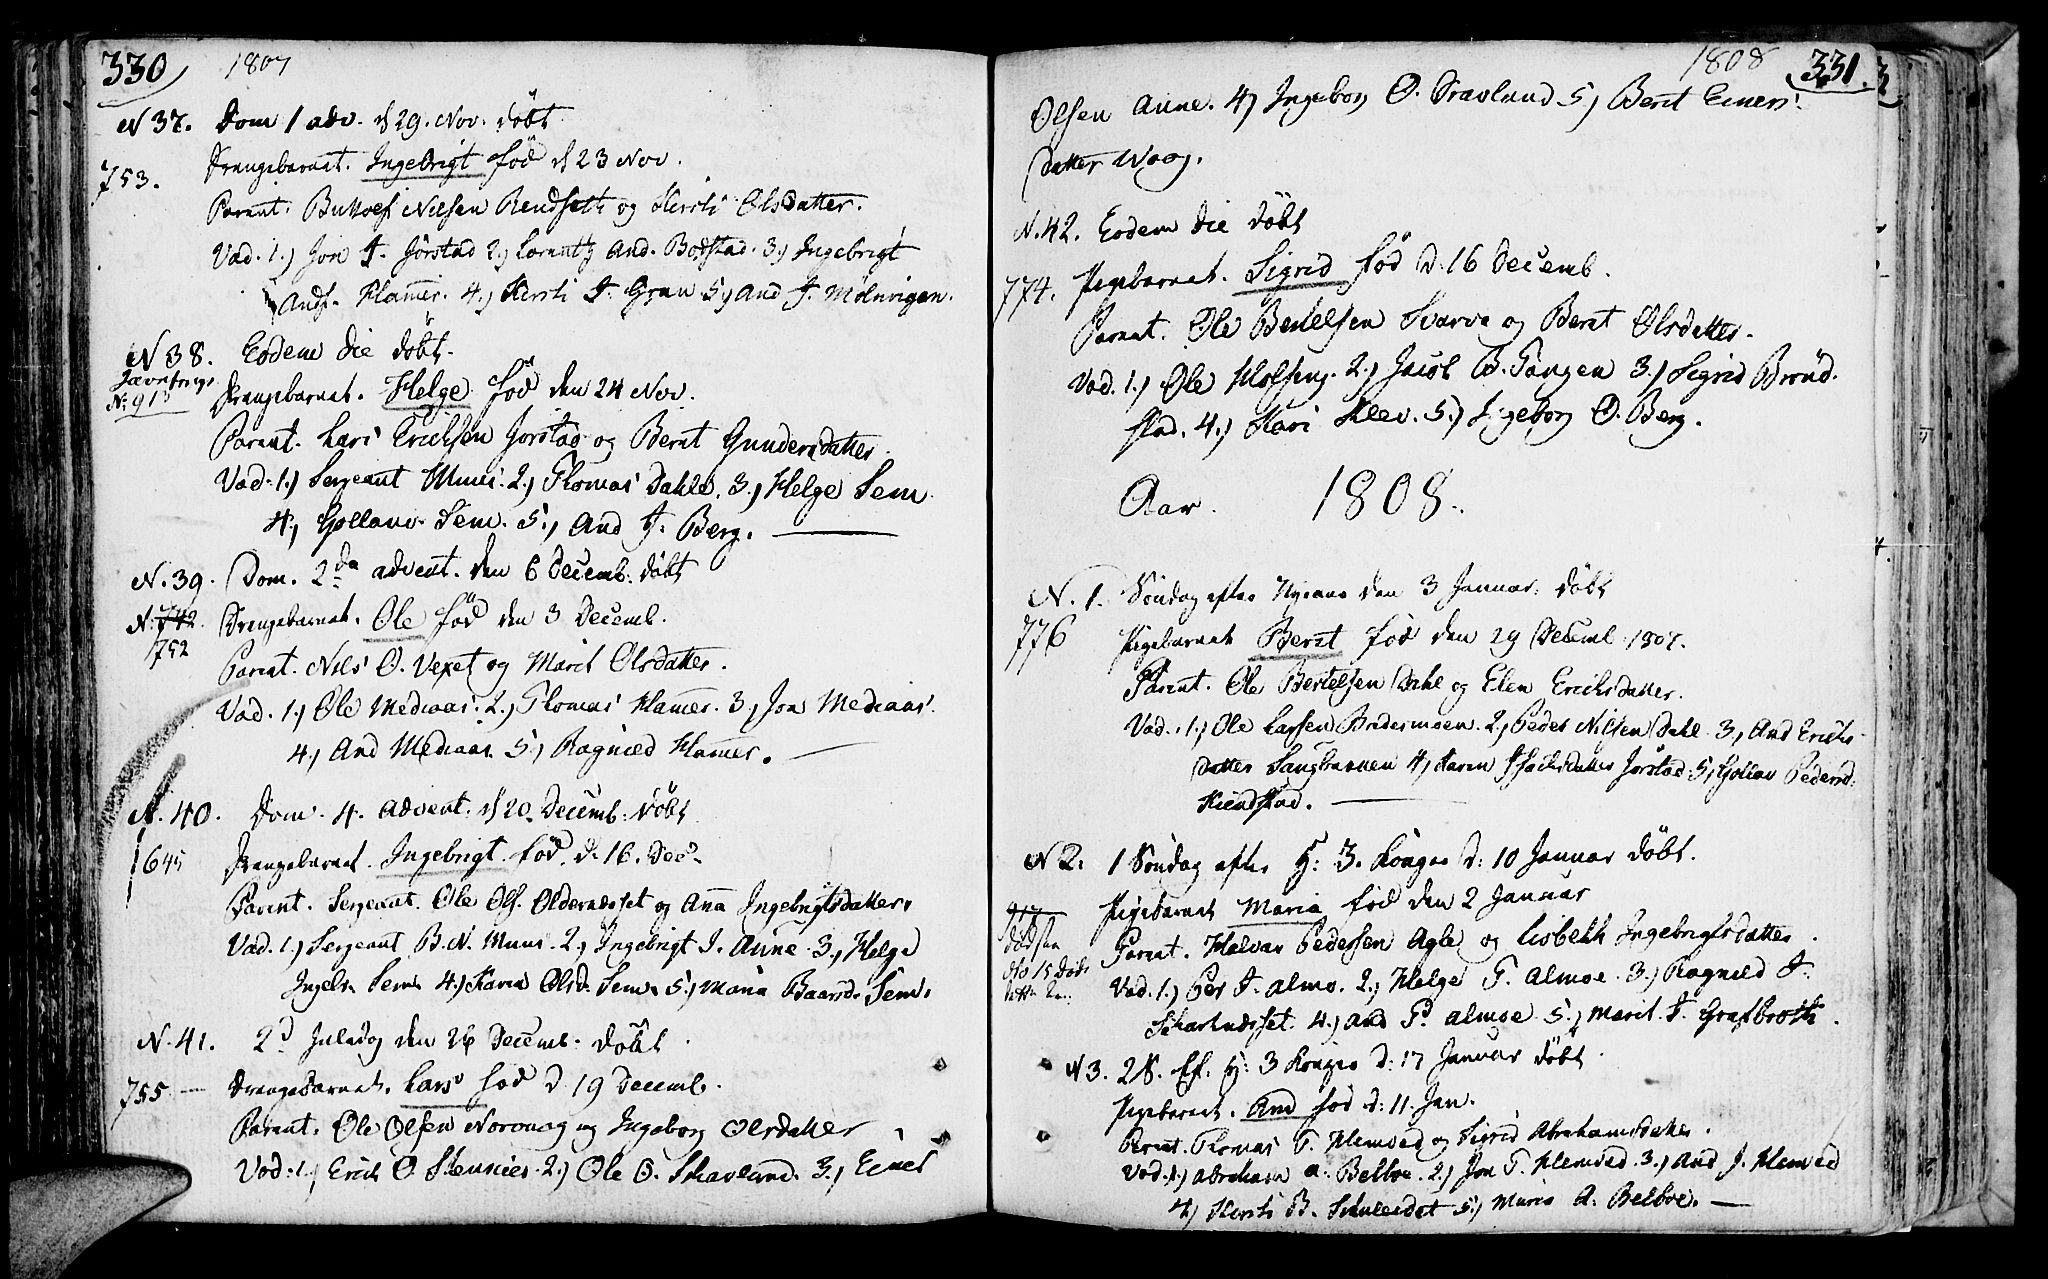 SAT, Ministerialprotokoller, klokkerbøker og fødselsregistre - Nord-Trøndelag, 749/L0468: Ministerialbok nr. 749A02, 1787-1817, s. 330-331